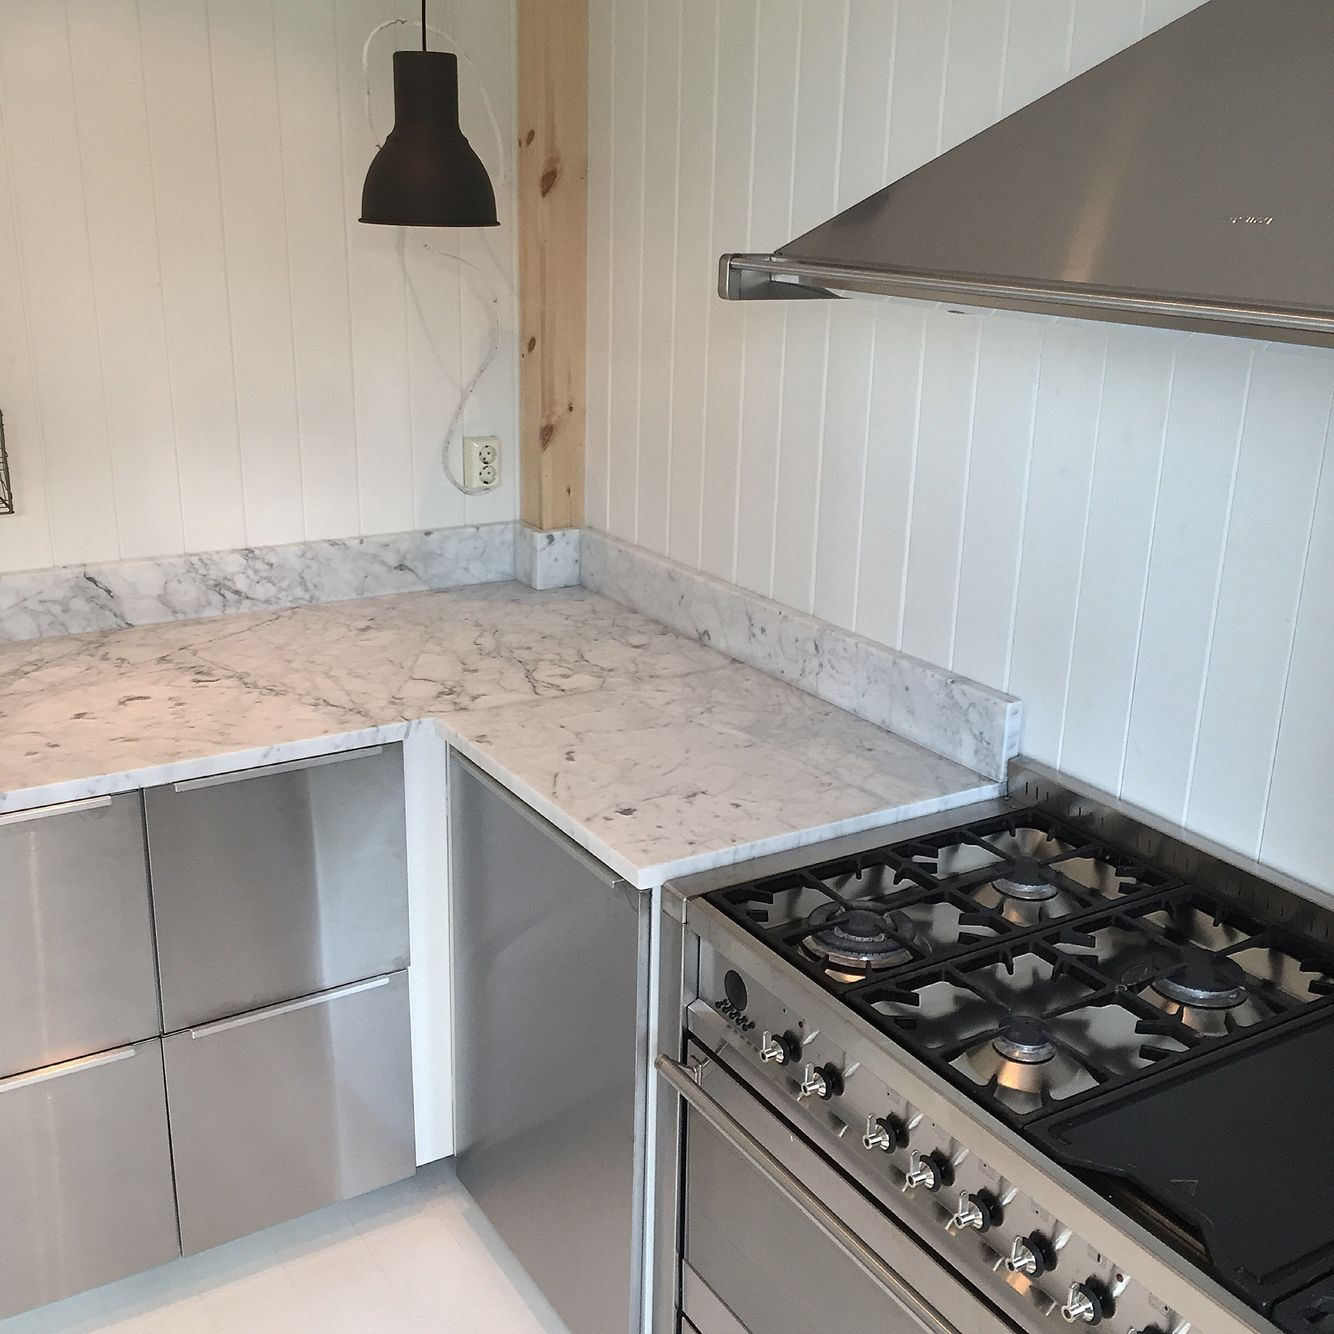 Carrara Marmor kjøkkenbenken i carrara marmor kler dette idustrielle stål kjøkkenet